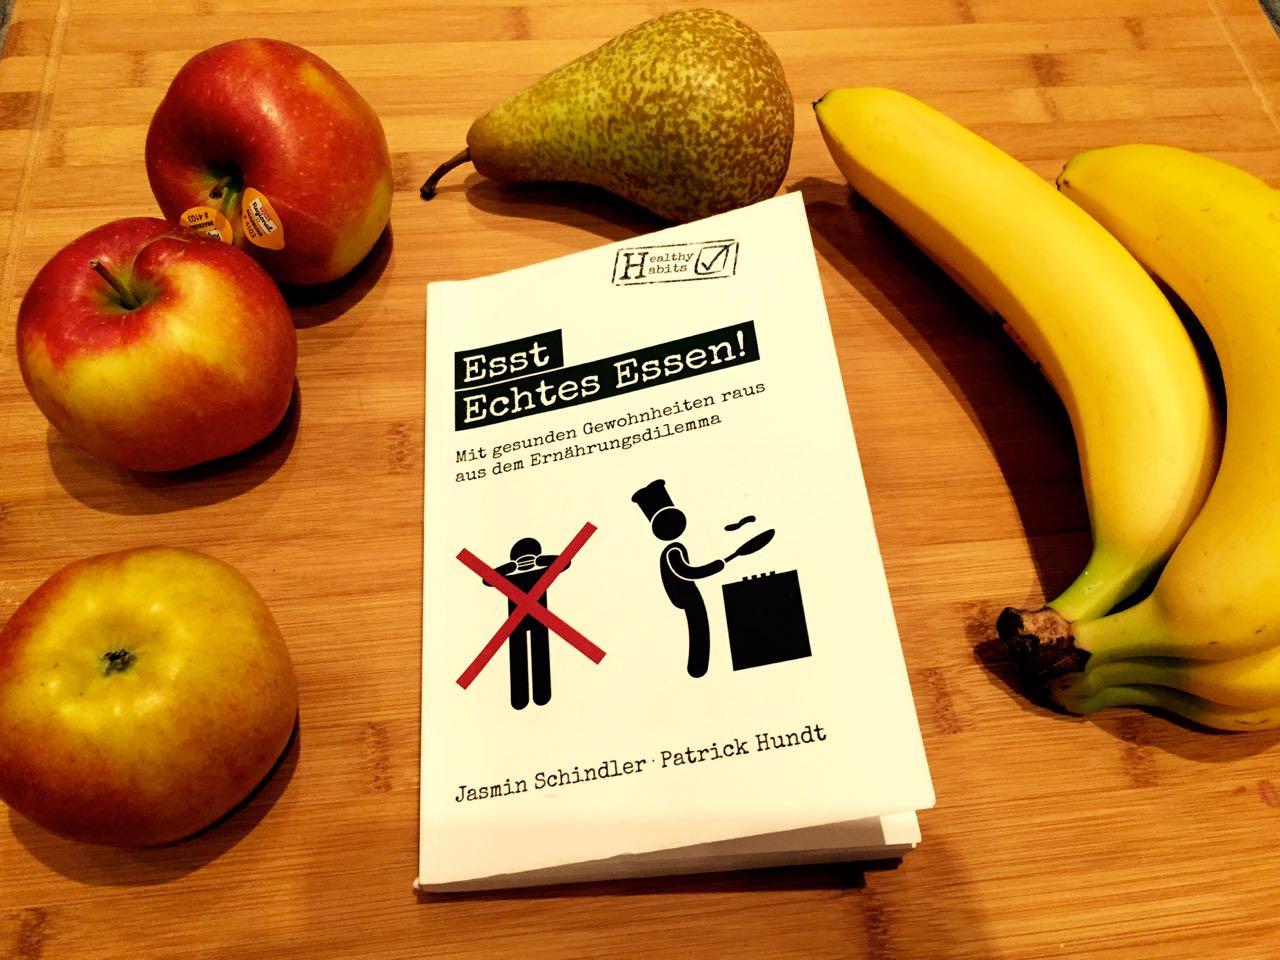 Esst Echtes Esse, ein interaktiver Ratgeber von Patrick Hundt und Jasmin Schindler.